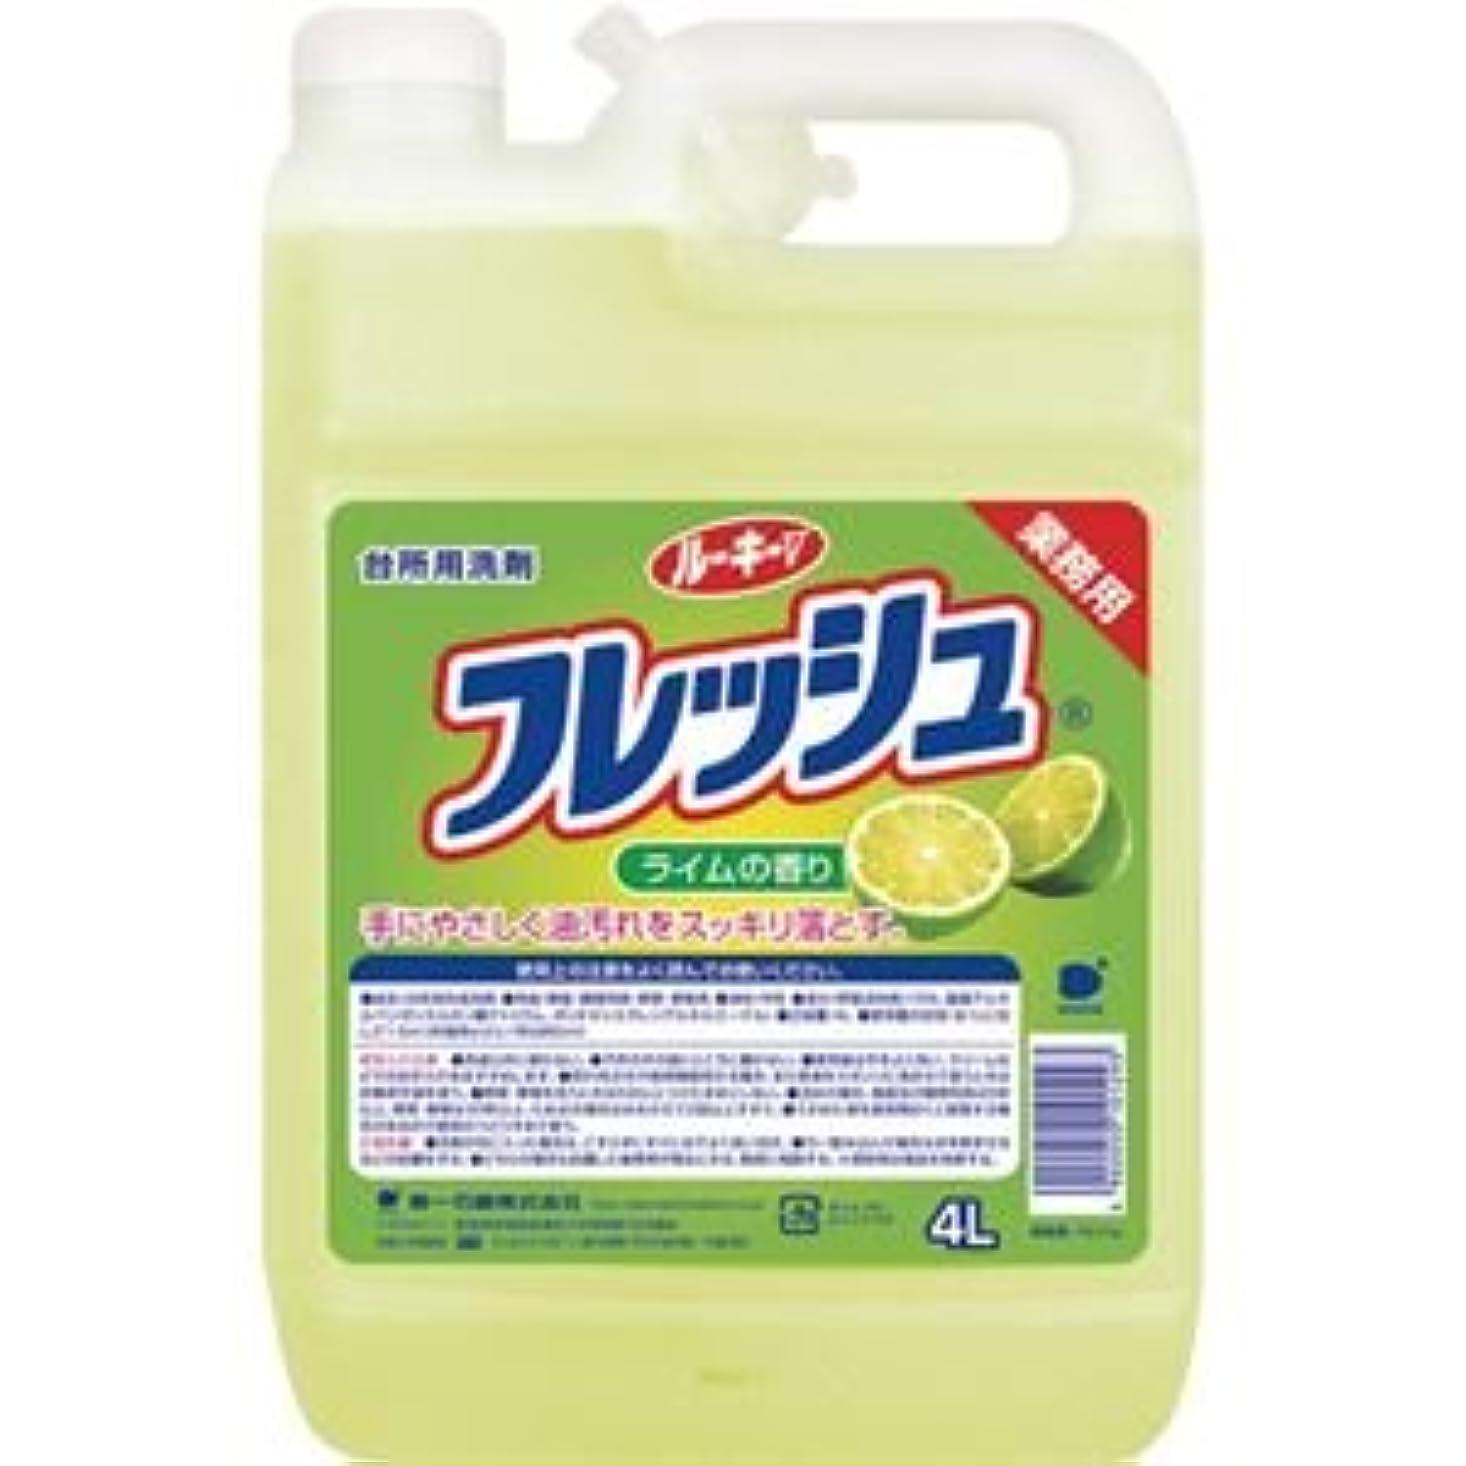 つづり崖電気陽性(まとめ) 第一石鹸 ルーキーVフレッシュ 業務用 4L 1本 【×5セット】